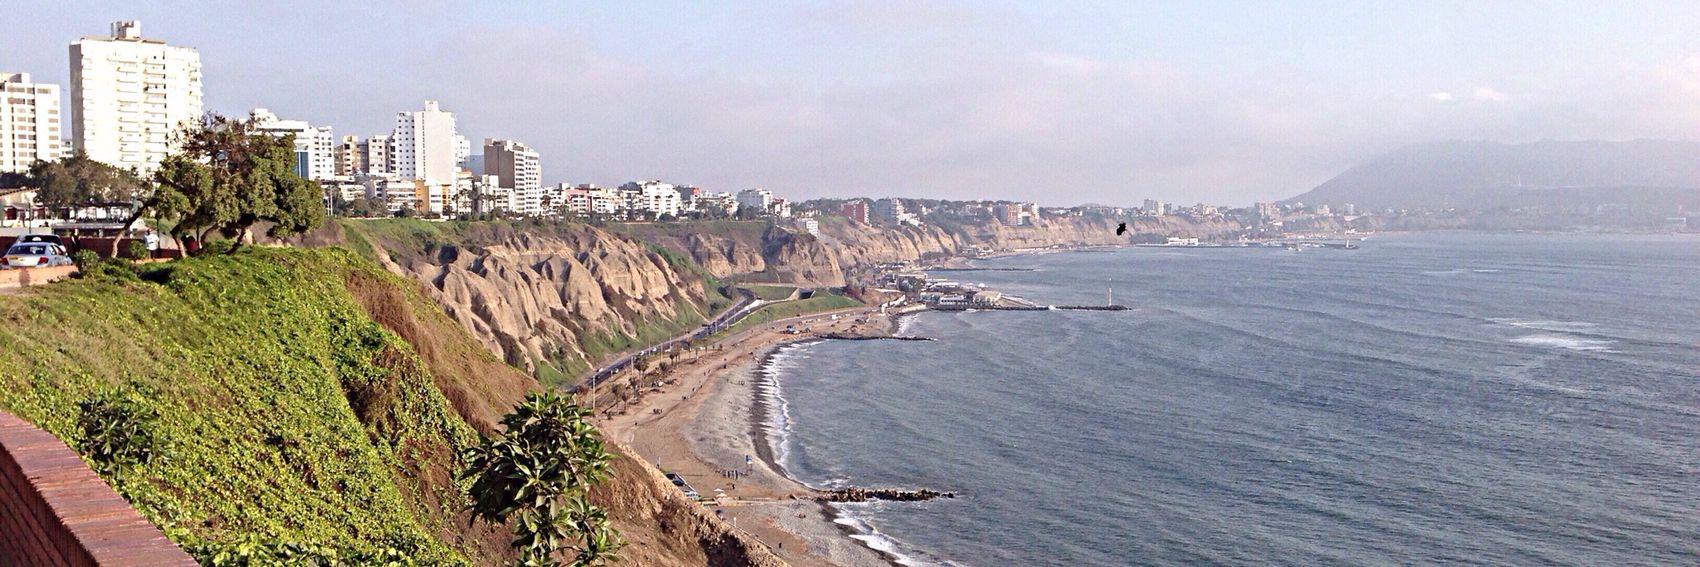 Lima Panorama Peruvian